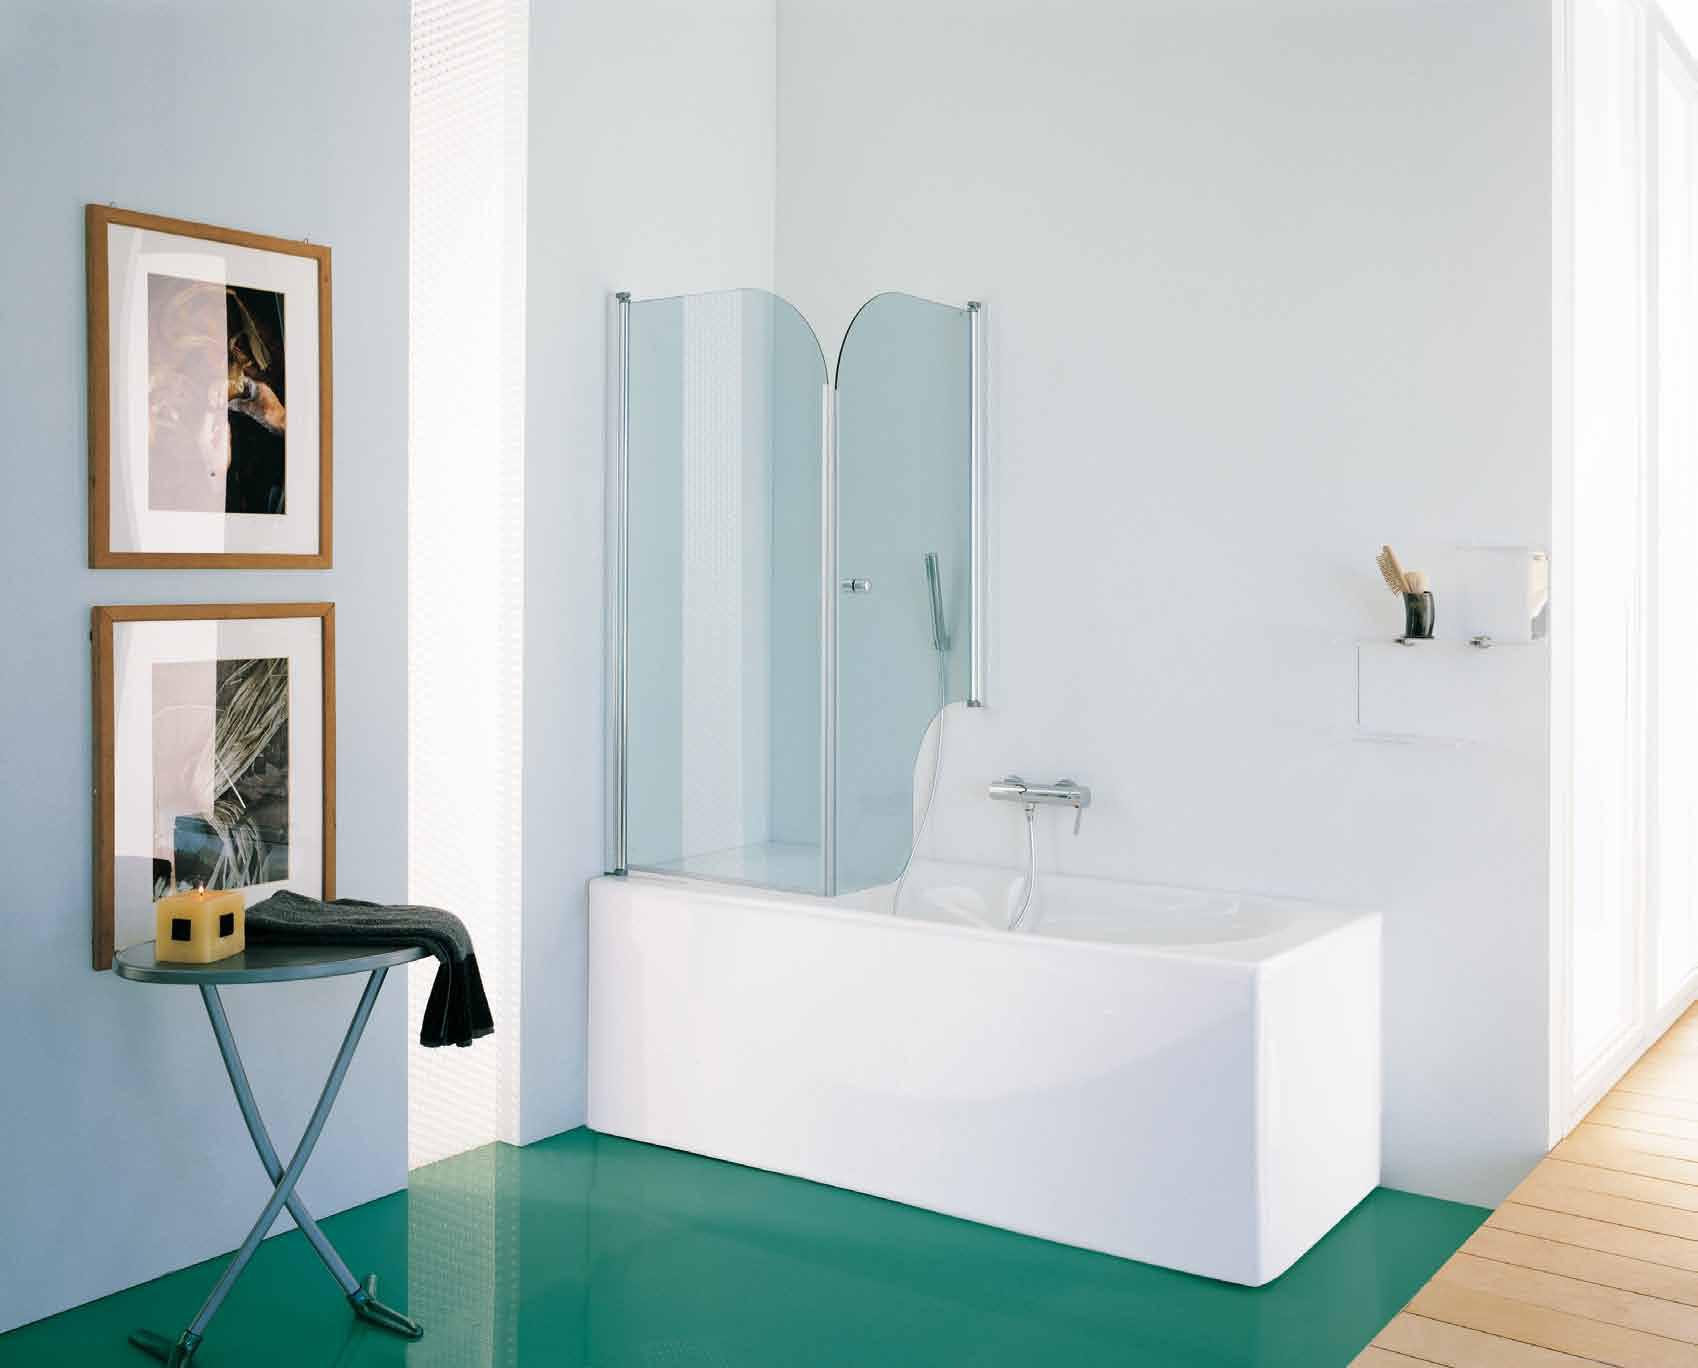 Vasca Da Bagno Ikea : Samo - Perete vasca per abbinamenti